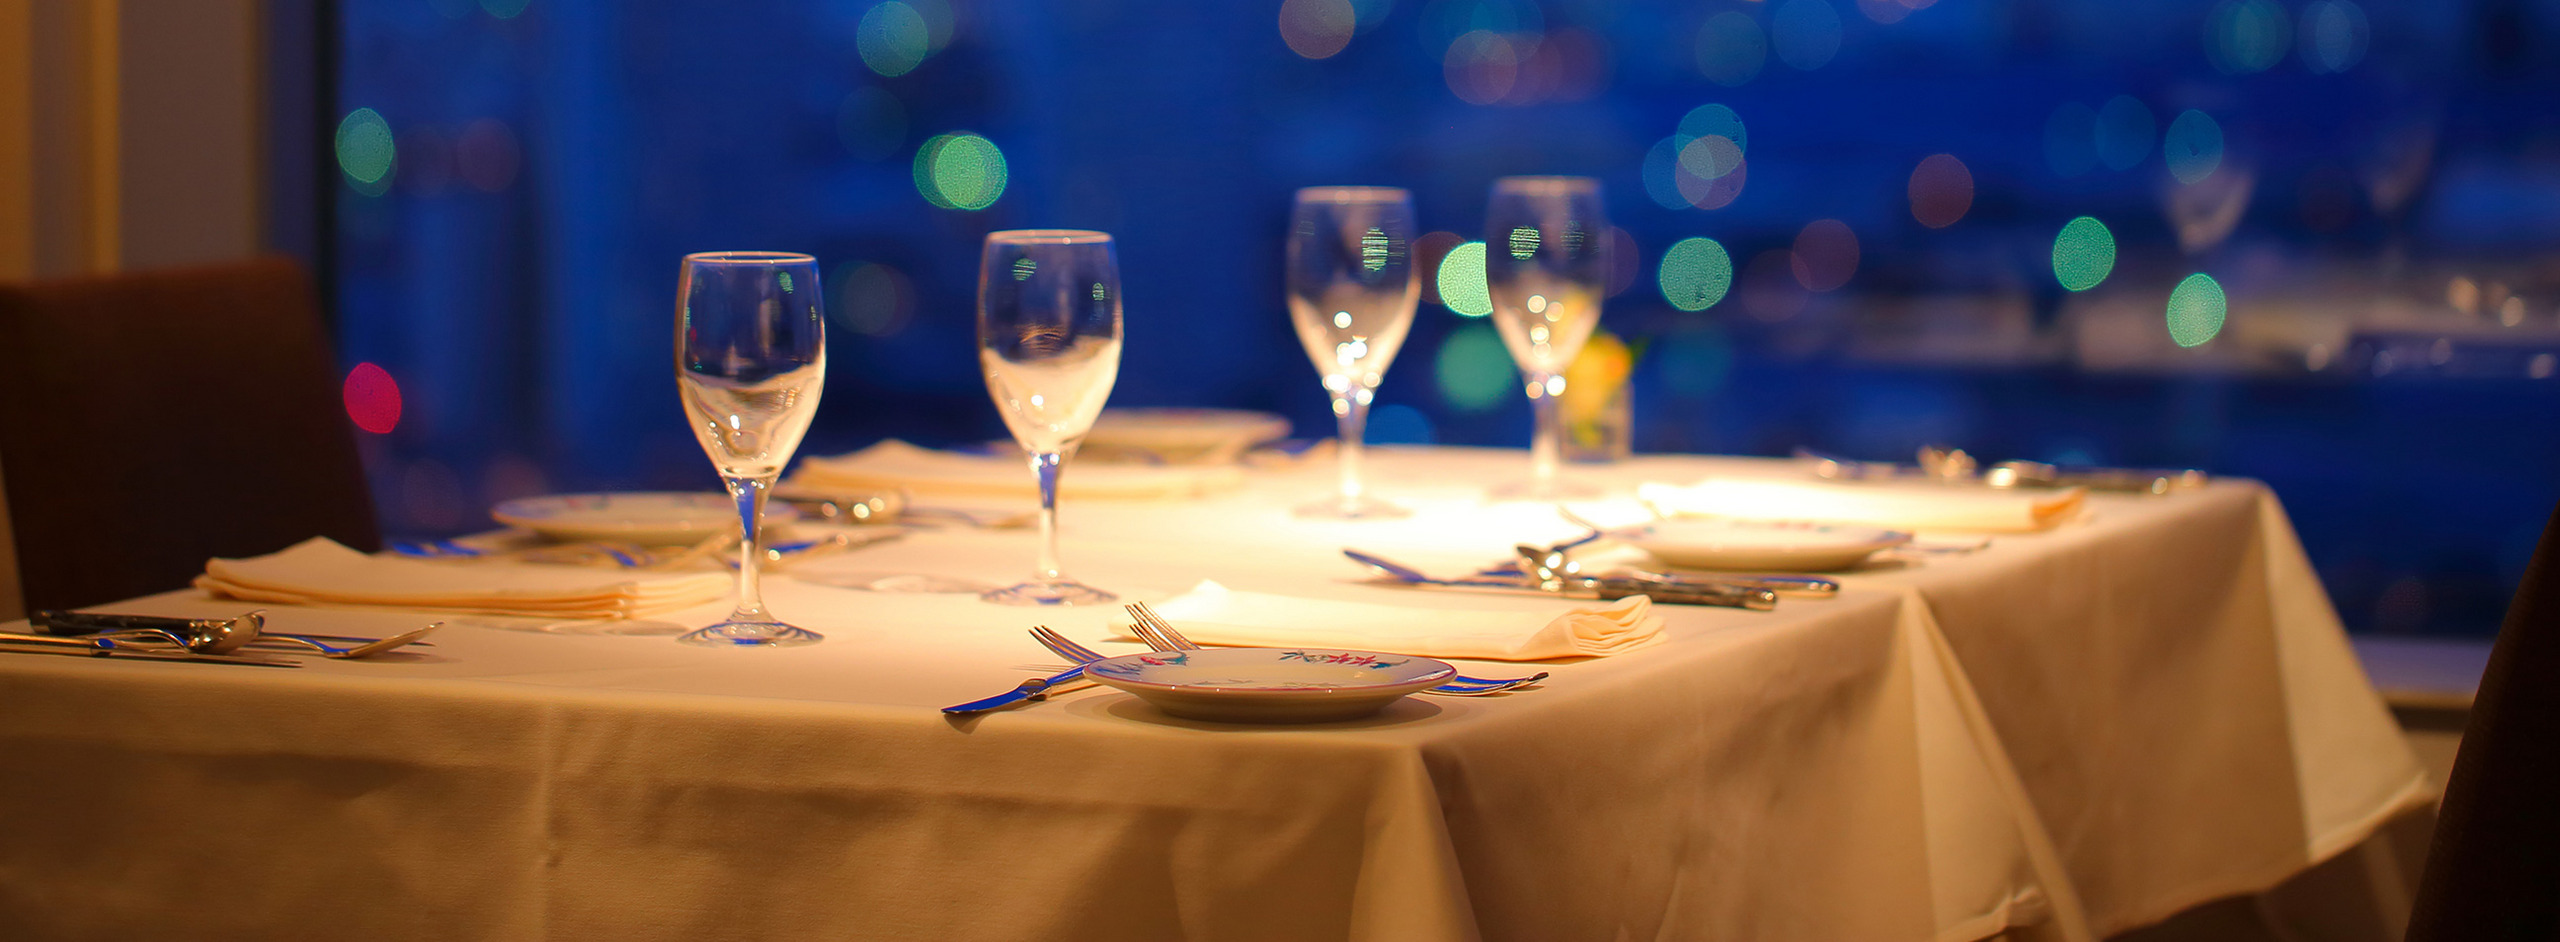 プロ料理人が選ぶ、デートで使える夜景が綺麗なレストラン:東京